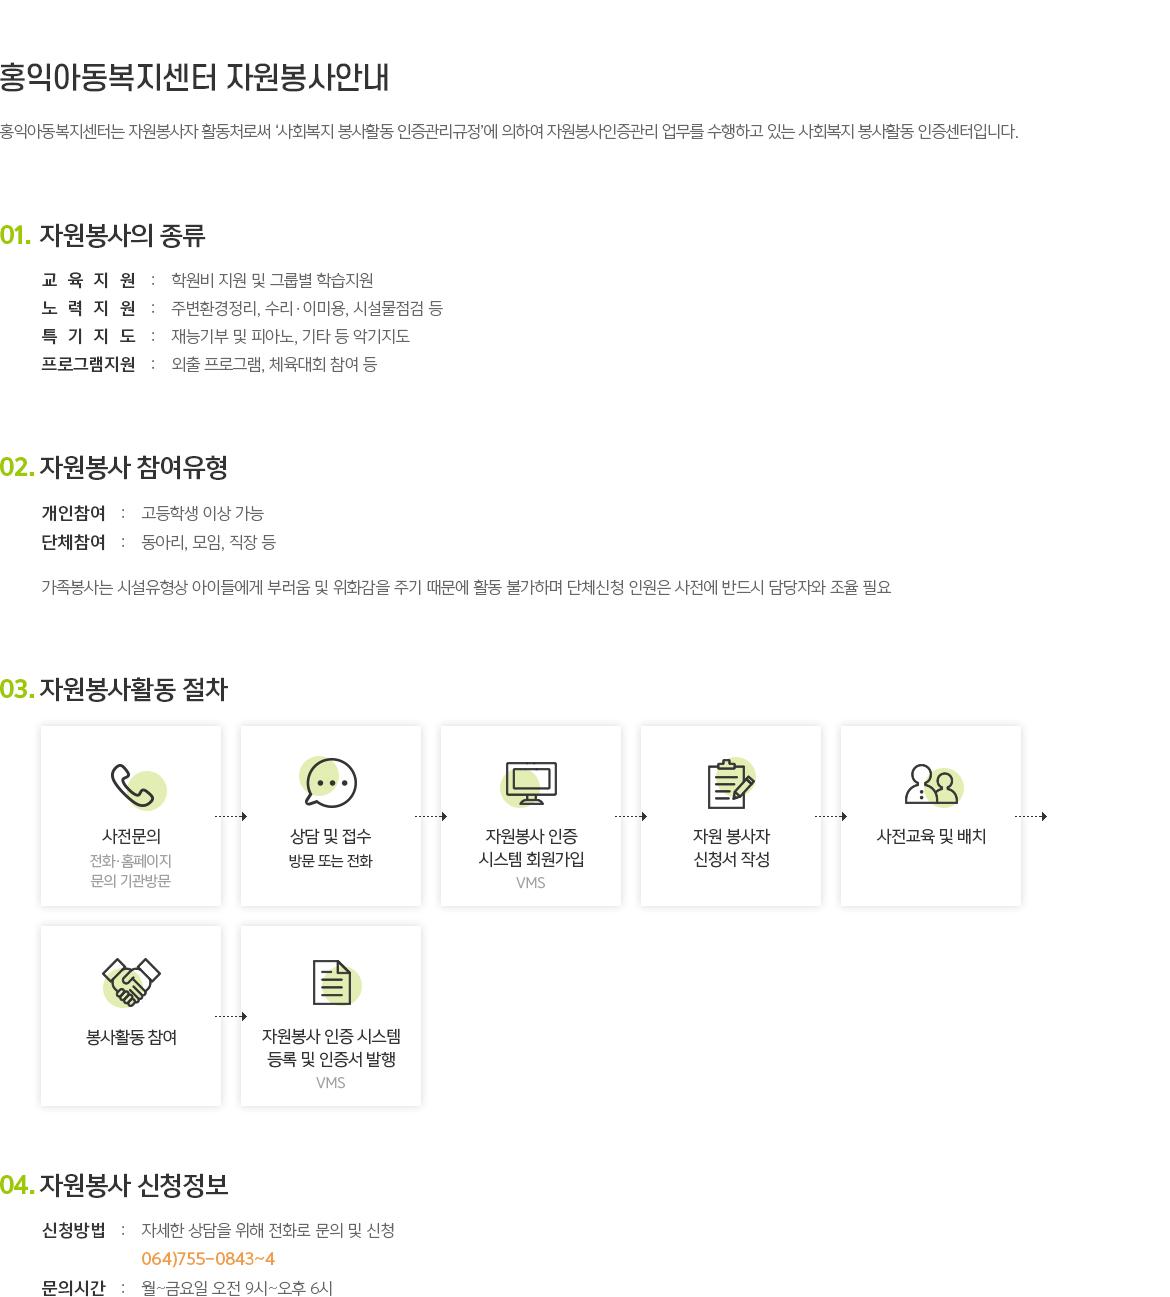 홍익아동복지센터 자원봉사안내